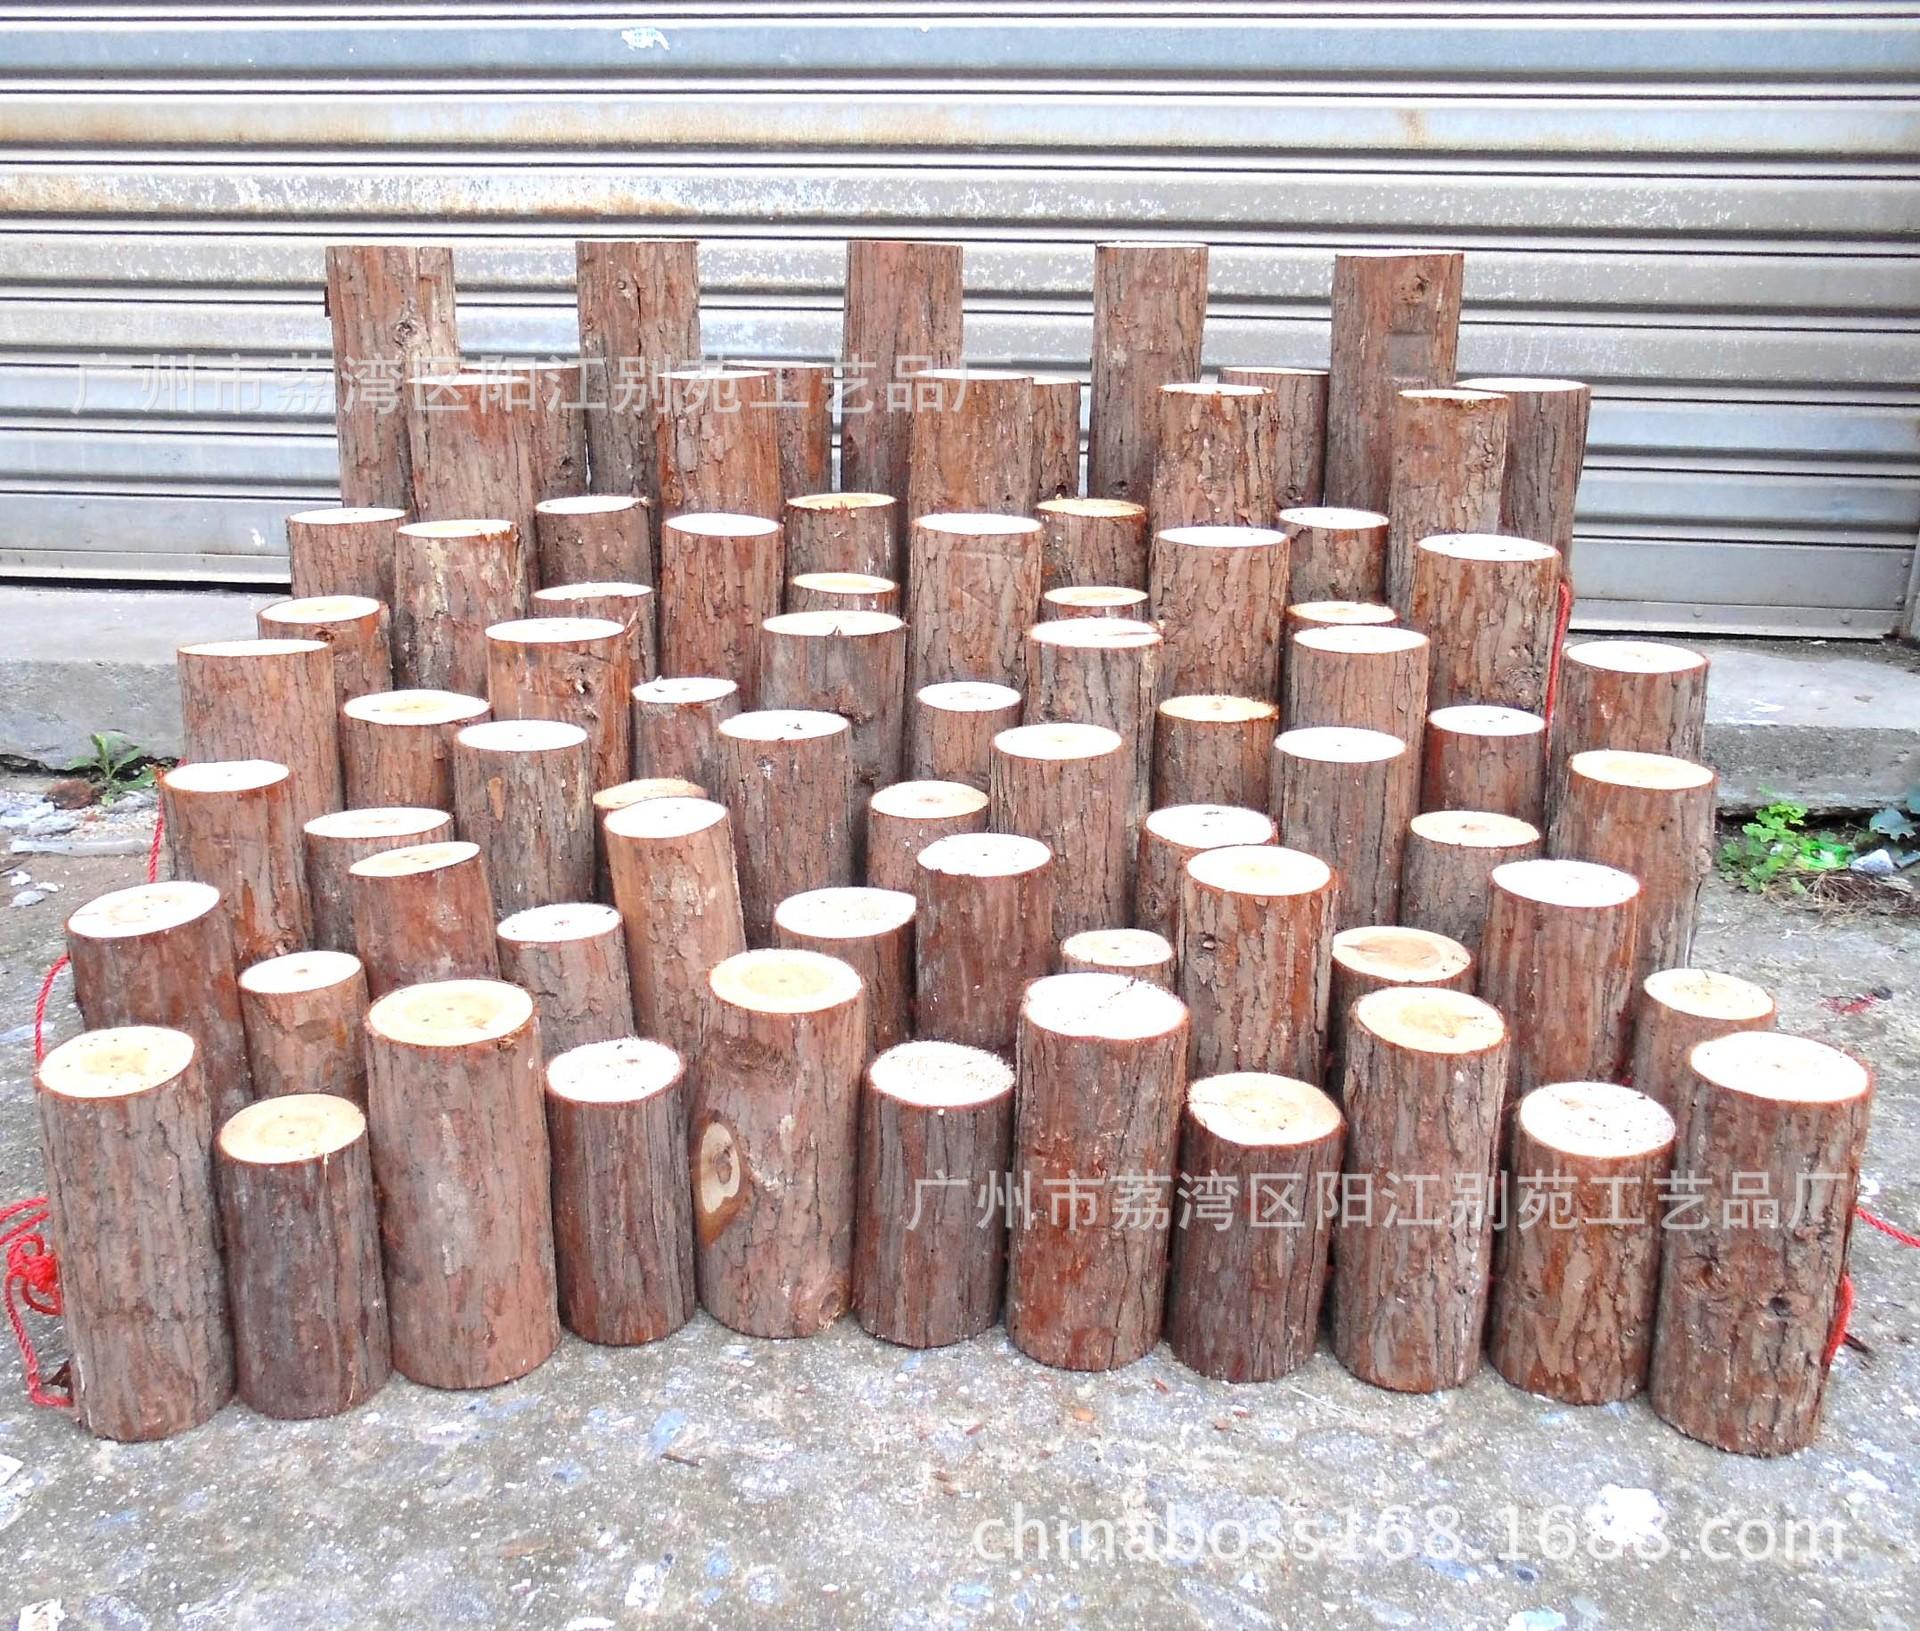 装饰串联木桩原木带皮木桩栏栅篱笆间隔园艺花花装饰木条围栏